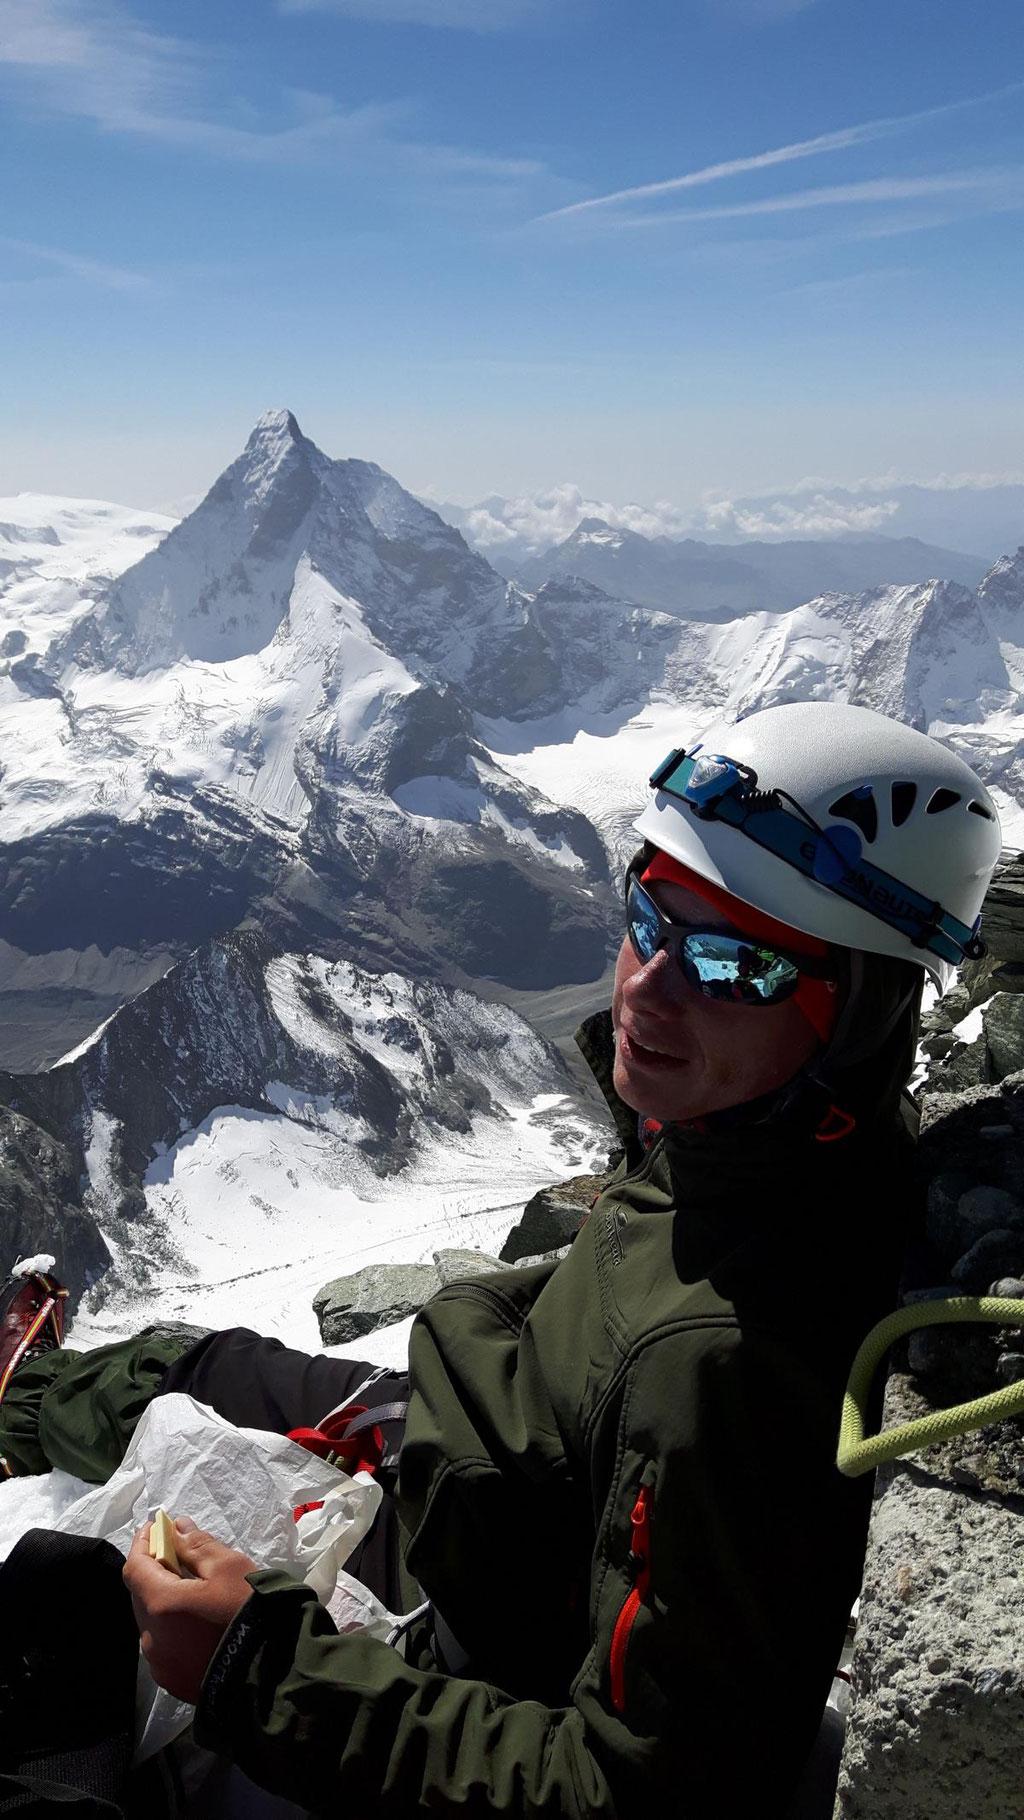 Gipfelfoto Dent Blanche 4357m nit Matterhorn im Hintergrund